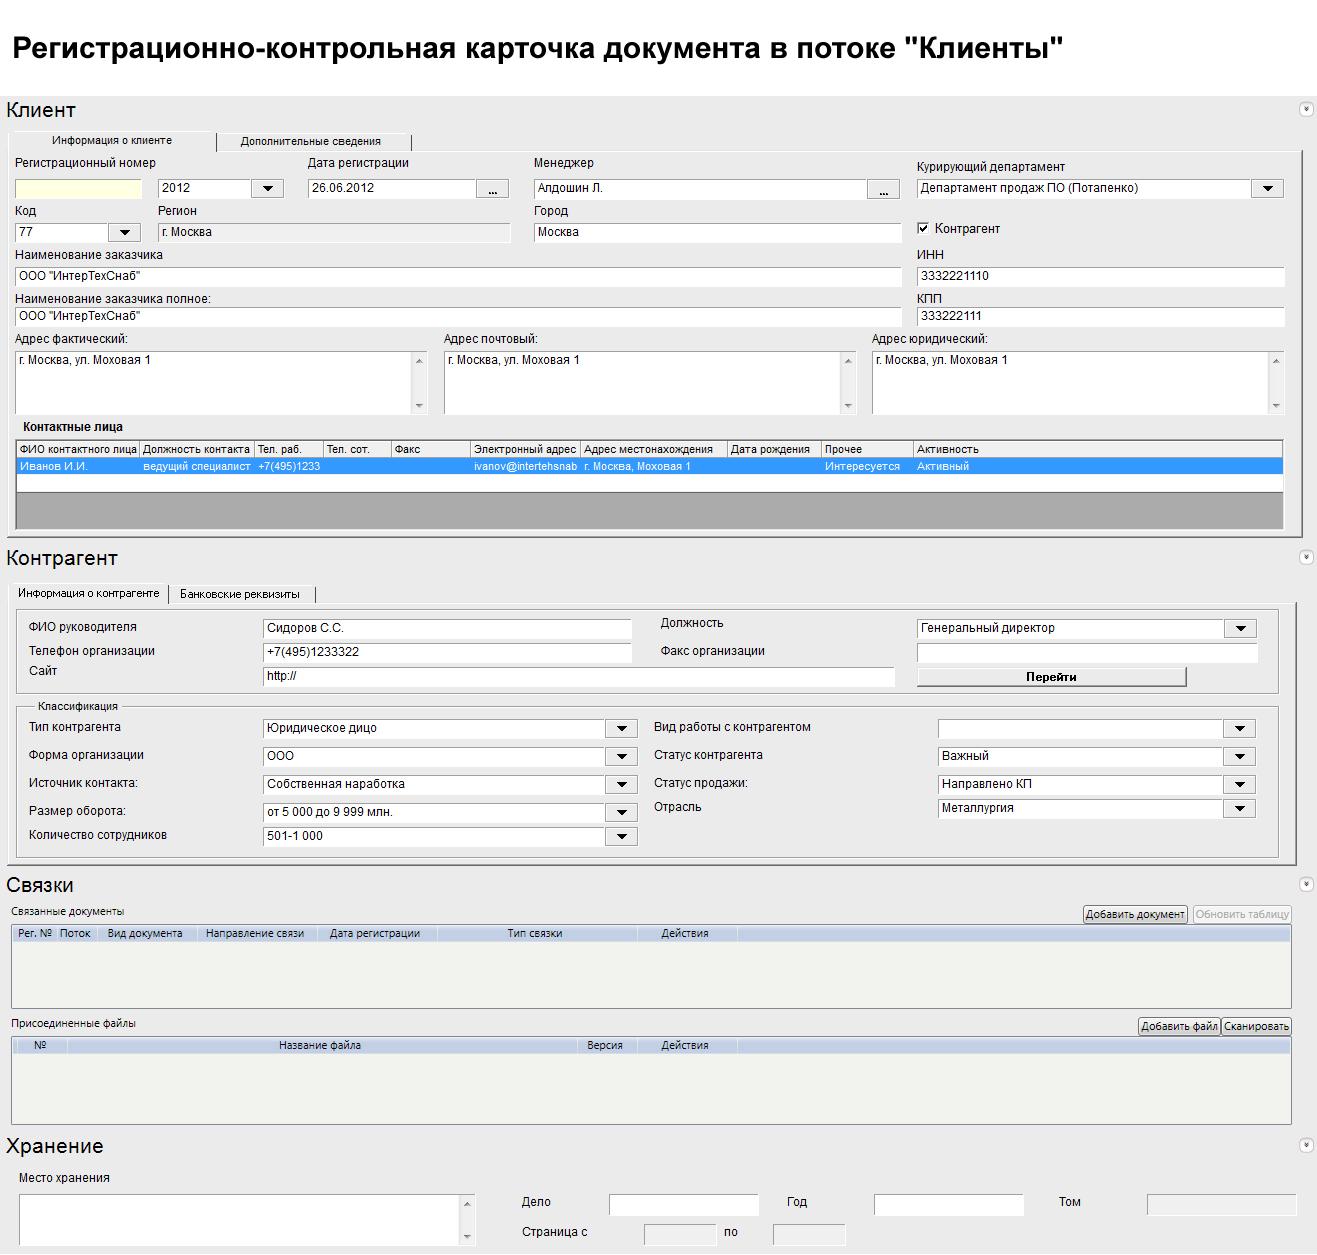 Интернет издание о высоких технологиях Важно отметить что форма регистрационно контрольной карточки документа в потоке Клиенты как и в любом другом потоке может быть оперативно изменена с